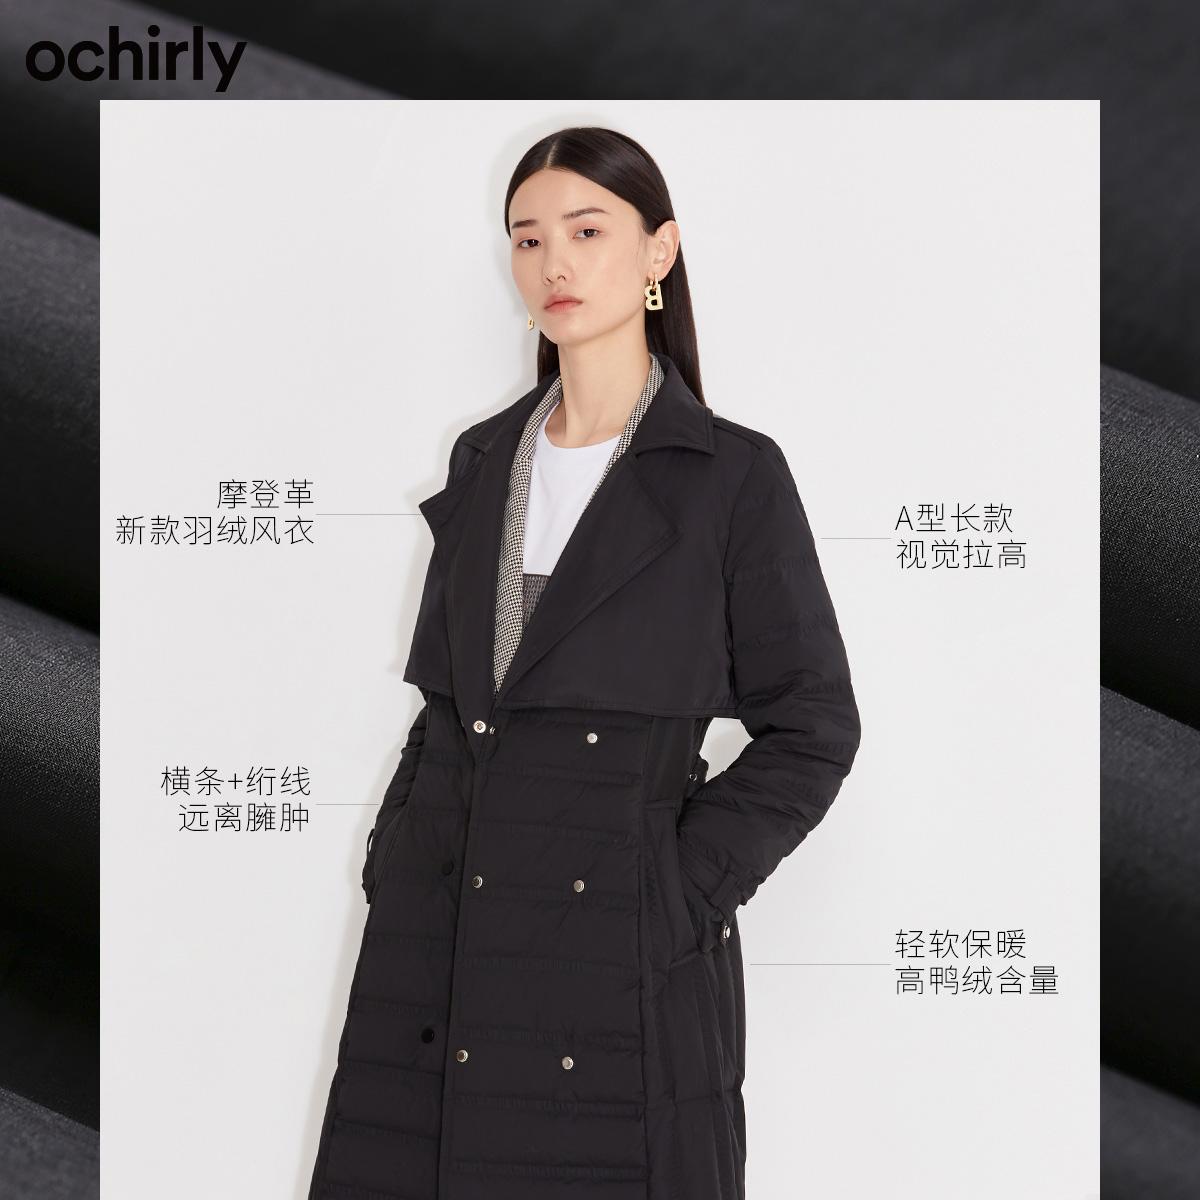 【3件8折】欧时力2021新款秋冬腰带假两件长款收腰羽绒外套女